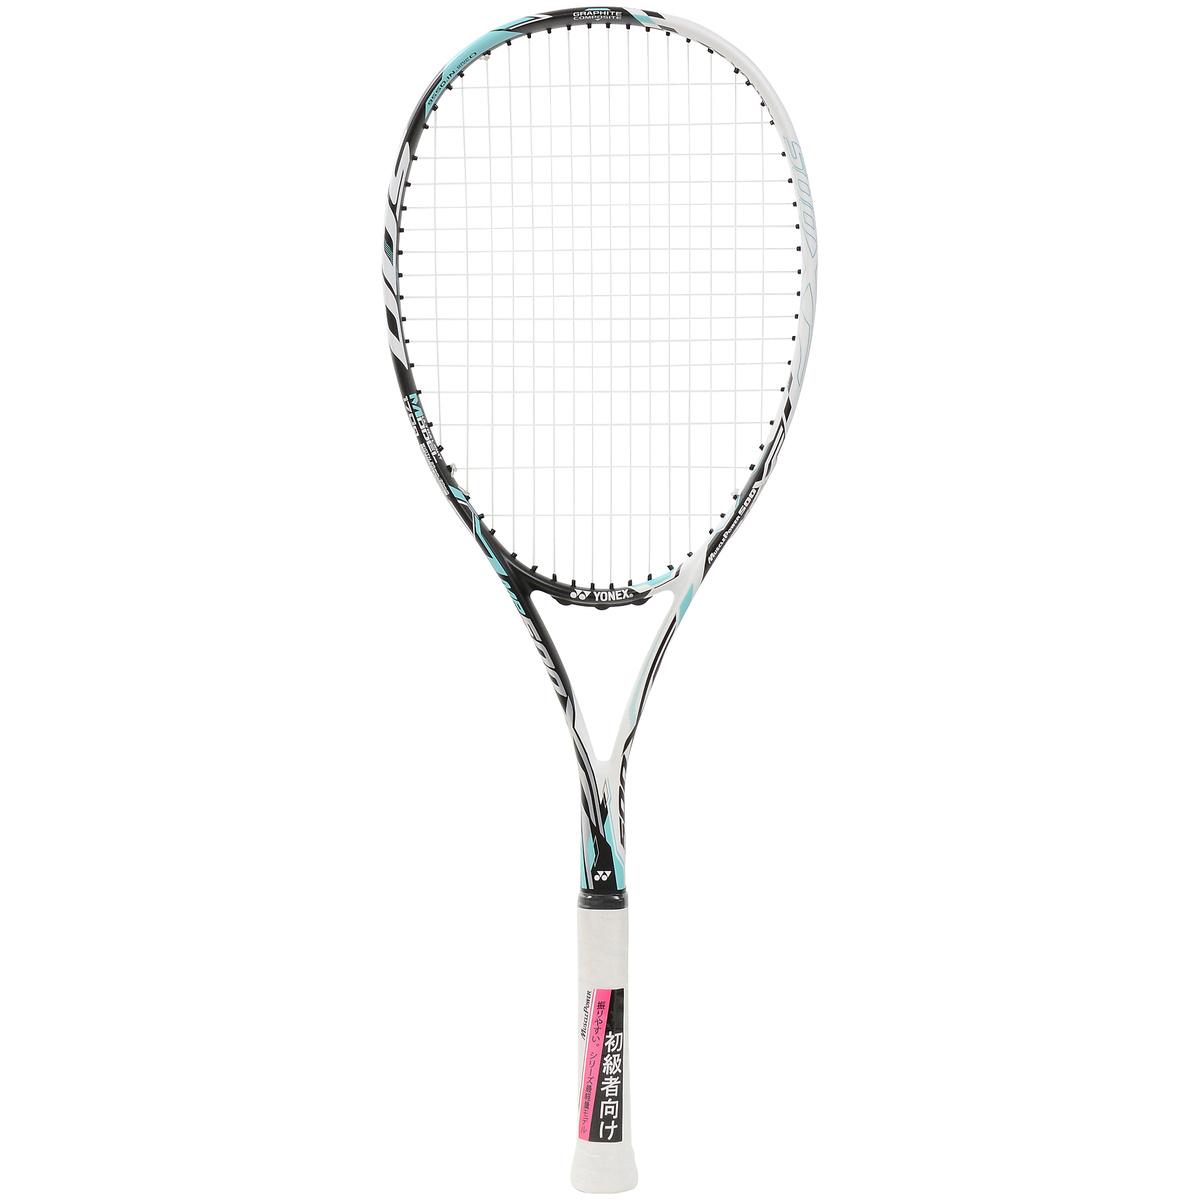 【送料無料】 YONEX (ヨネックス) ソフトテニス 張り上げラケット マッスルパワー500XF G0 ホワイト/ミント MP500XFG 551